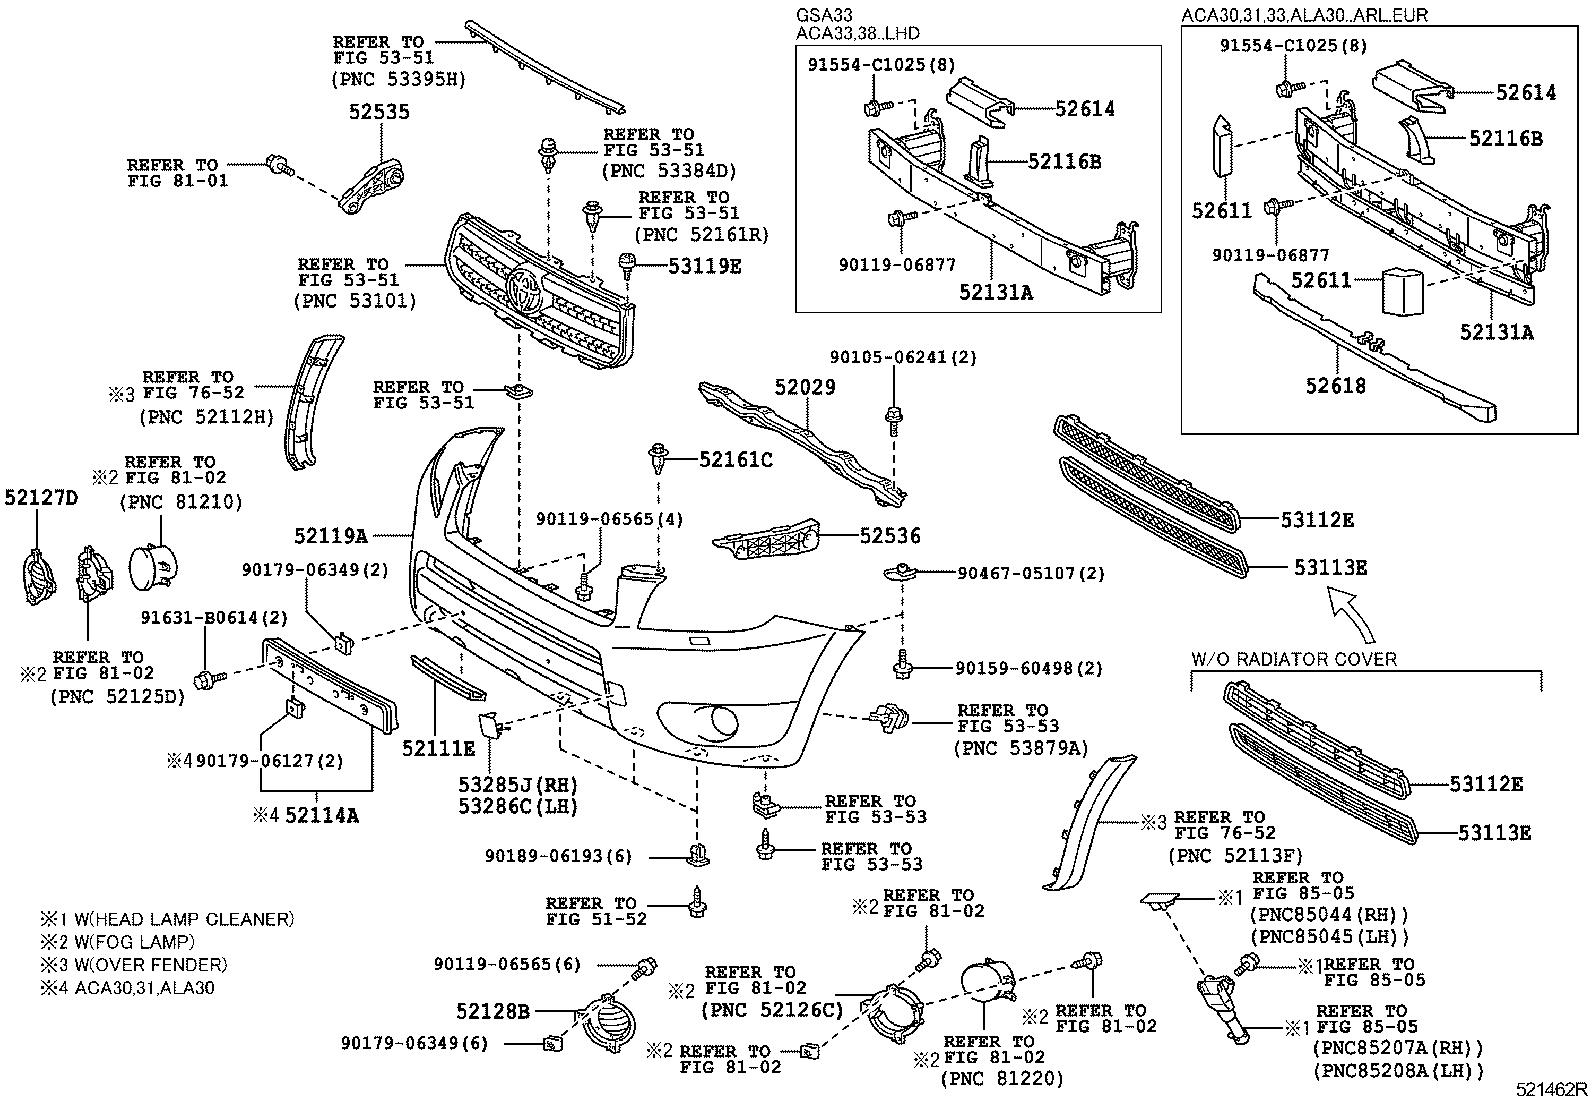 toyota rav4aca38l-anpxk - body - front bumper bumper stay | japan parts eu  japan parts eu